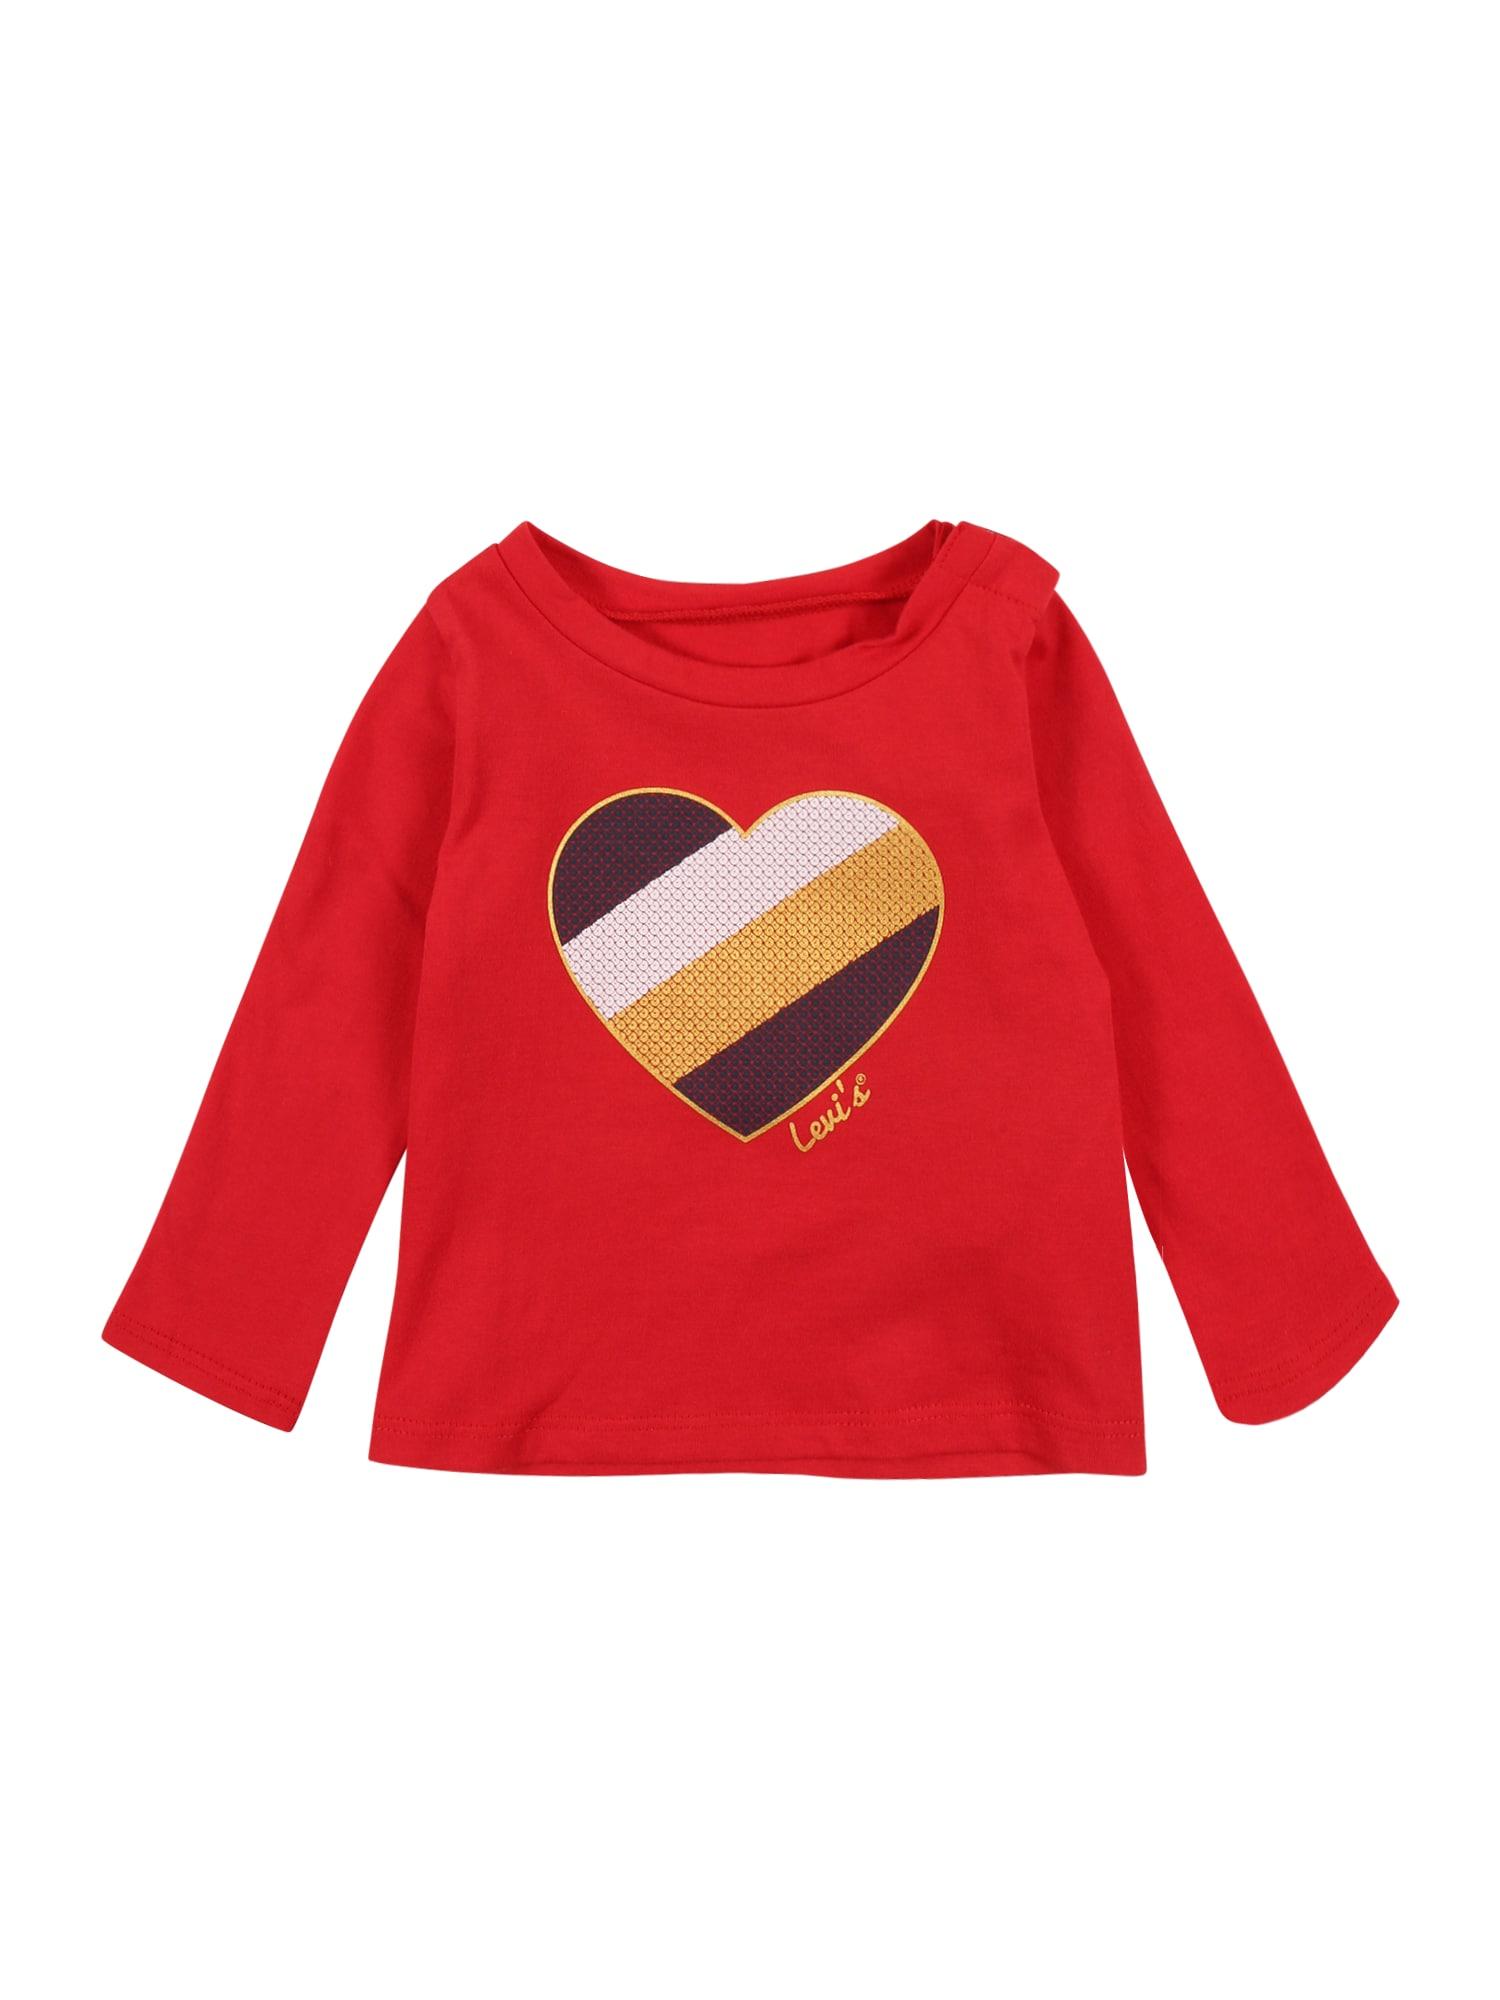 LEVI'S Marškinėliai raudona / aukso geltonumo spalva / balta / tamsiai mėlyna jūros spalva